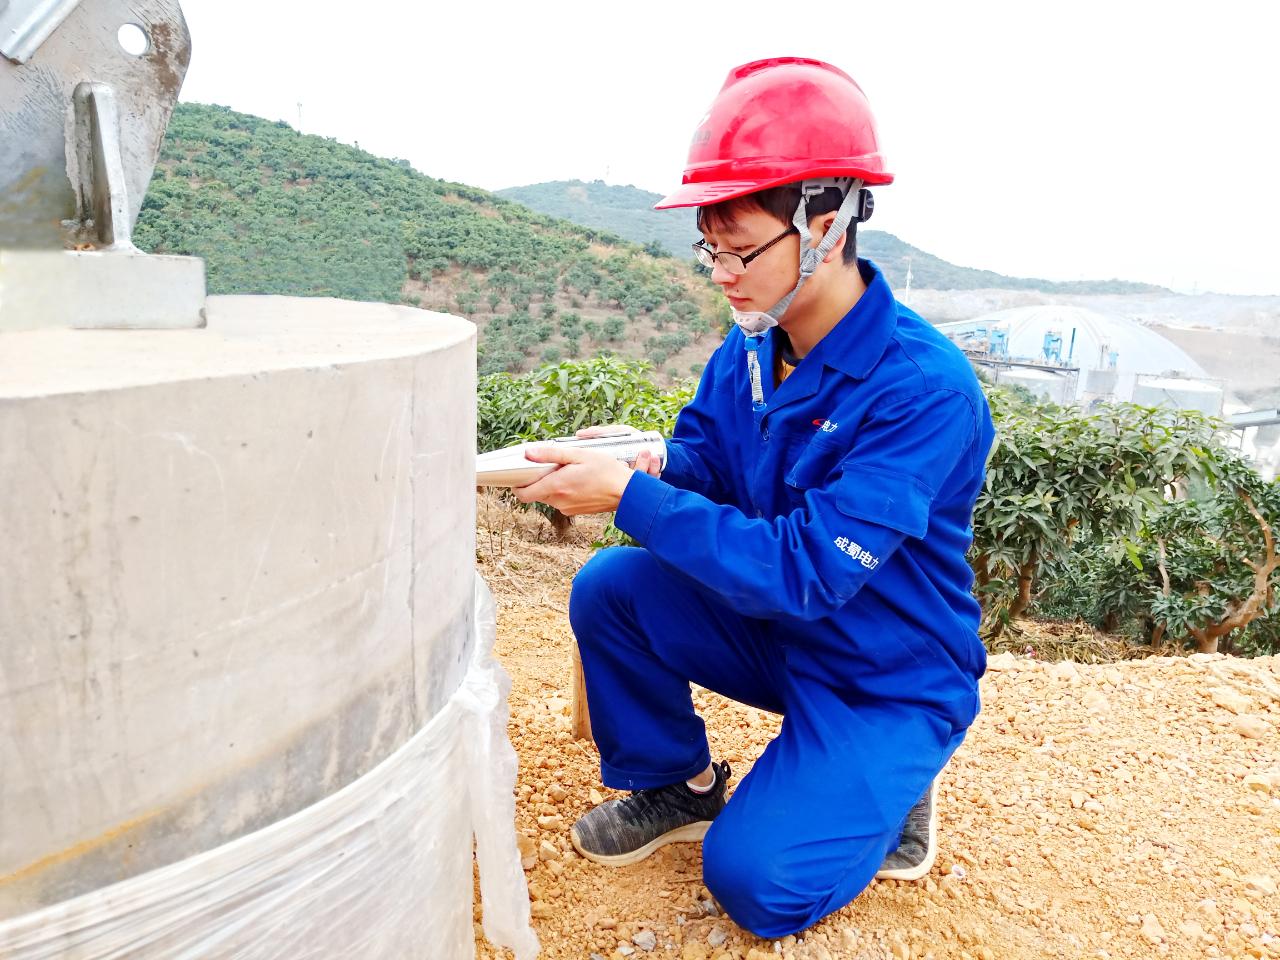 广西百色小梅-平果220kV输电线路基础工程顺利完成转序验收